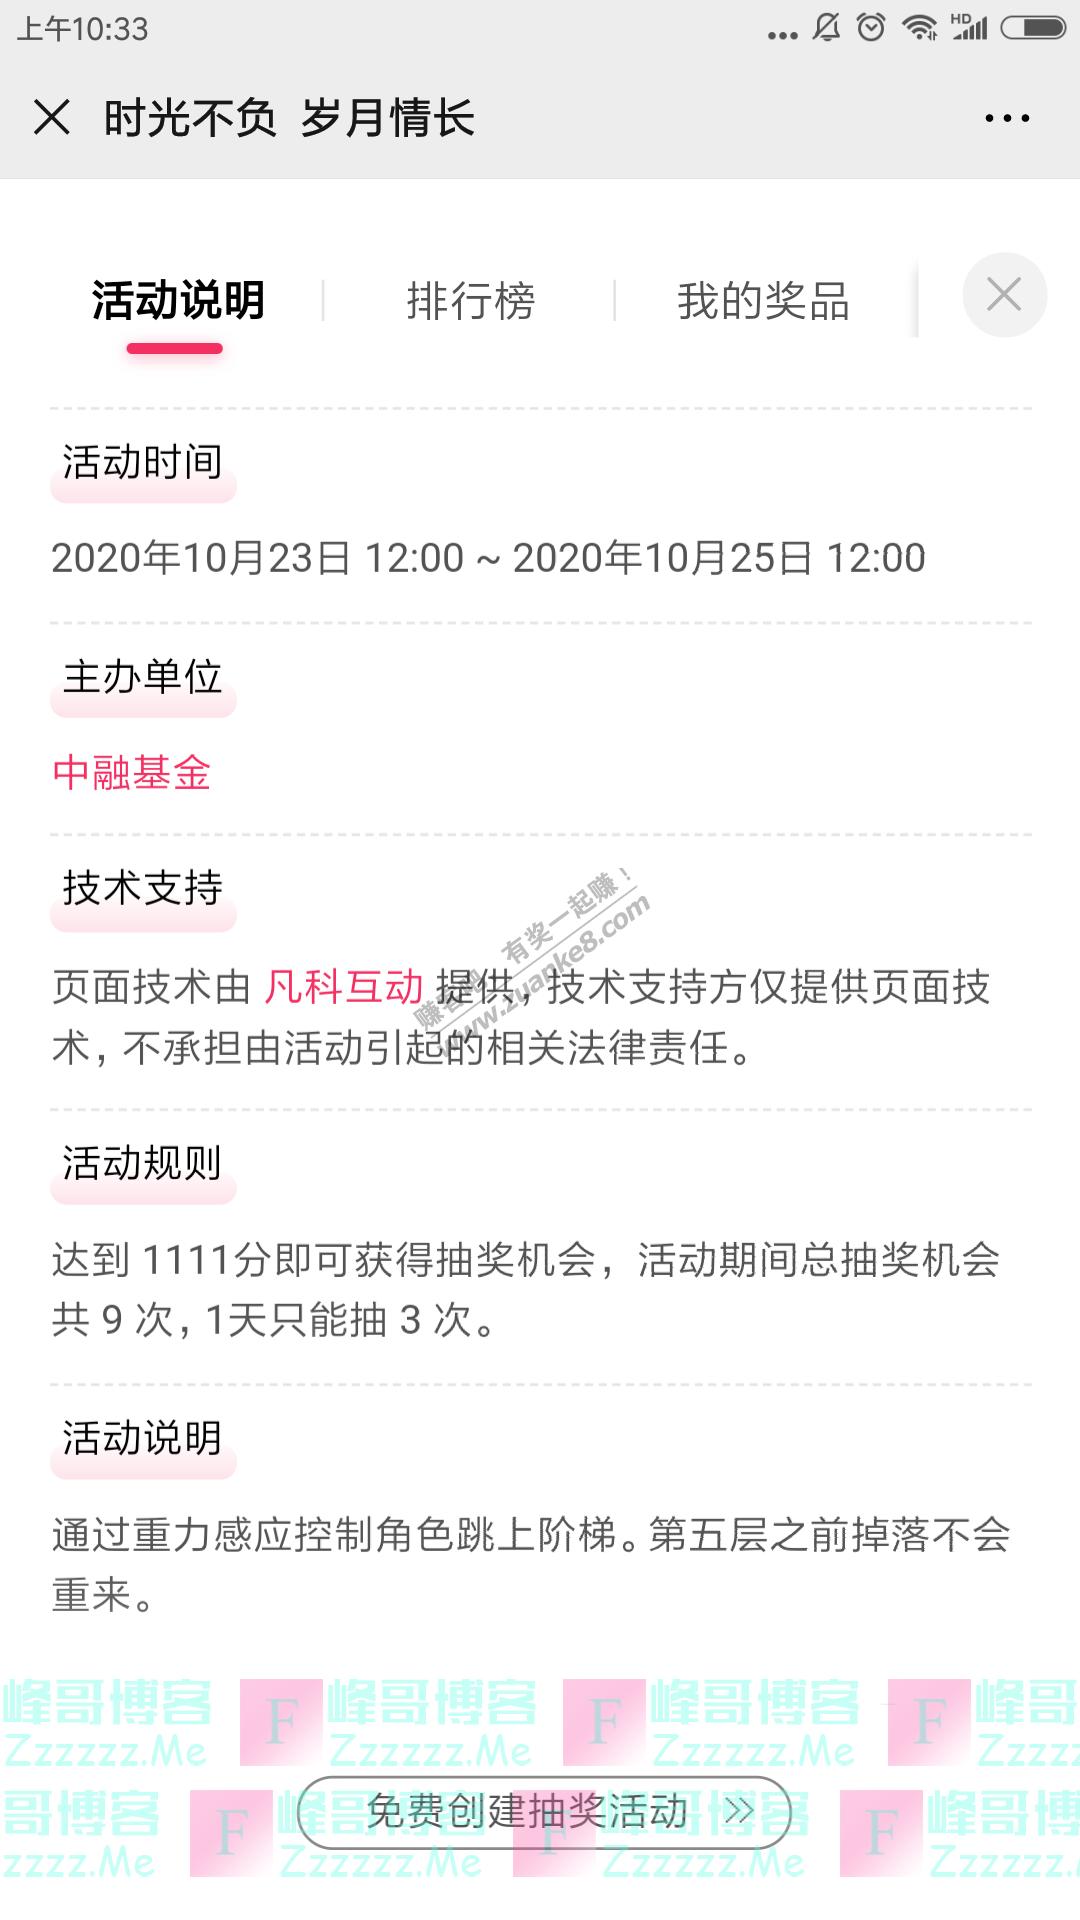 中融基金红包时刻 | 金秋时节,又逢重阳(截止10月25日)